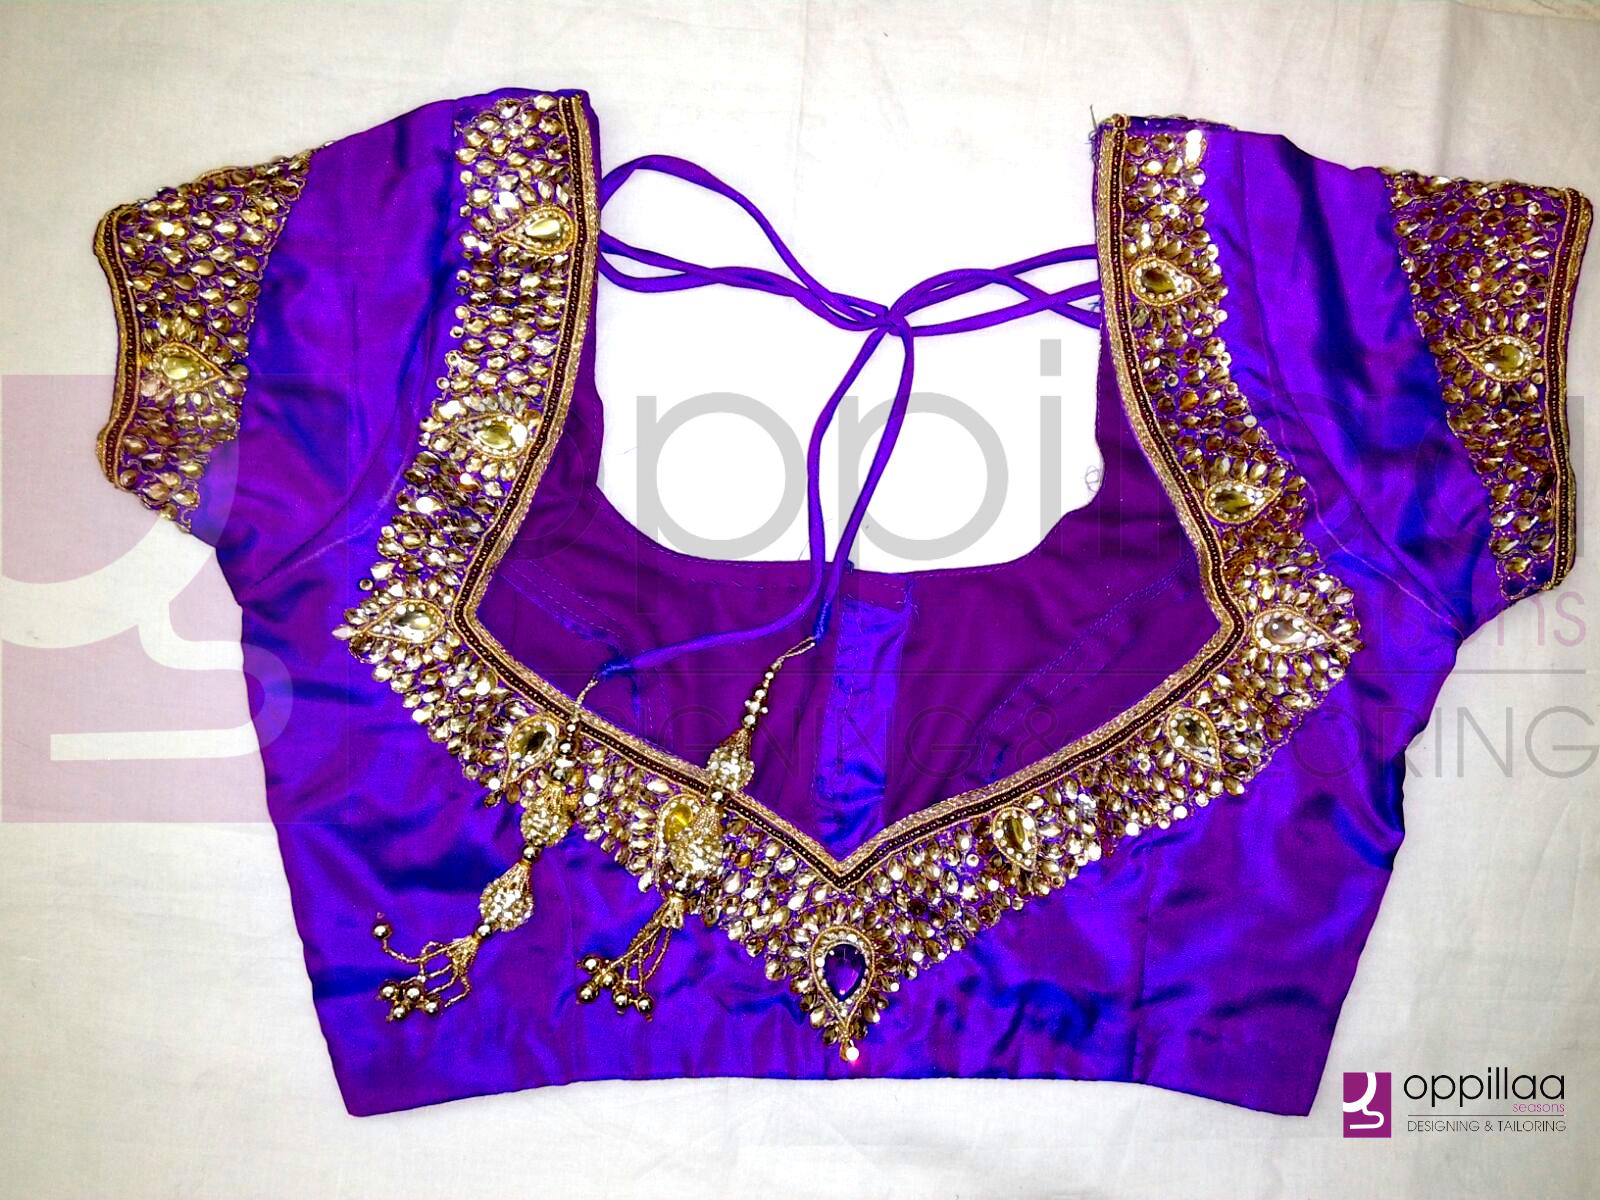 Ladies Tailor In Chennai DESIGNER BLOUSES